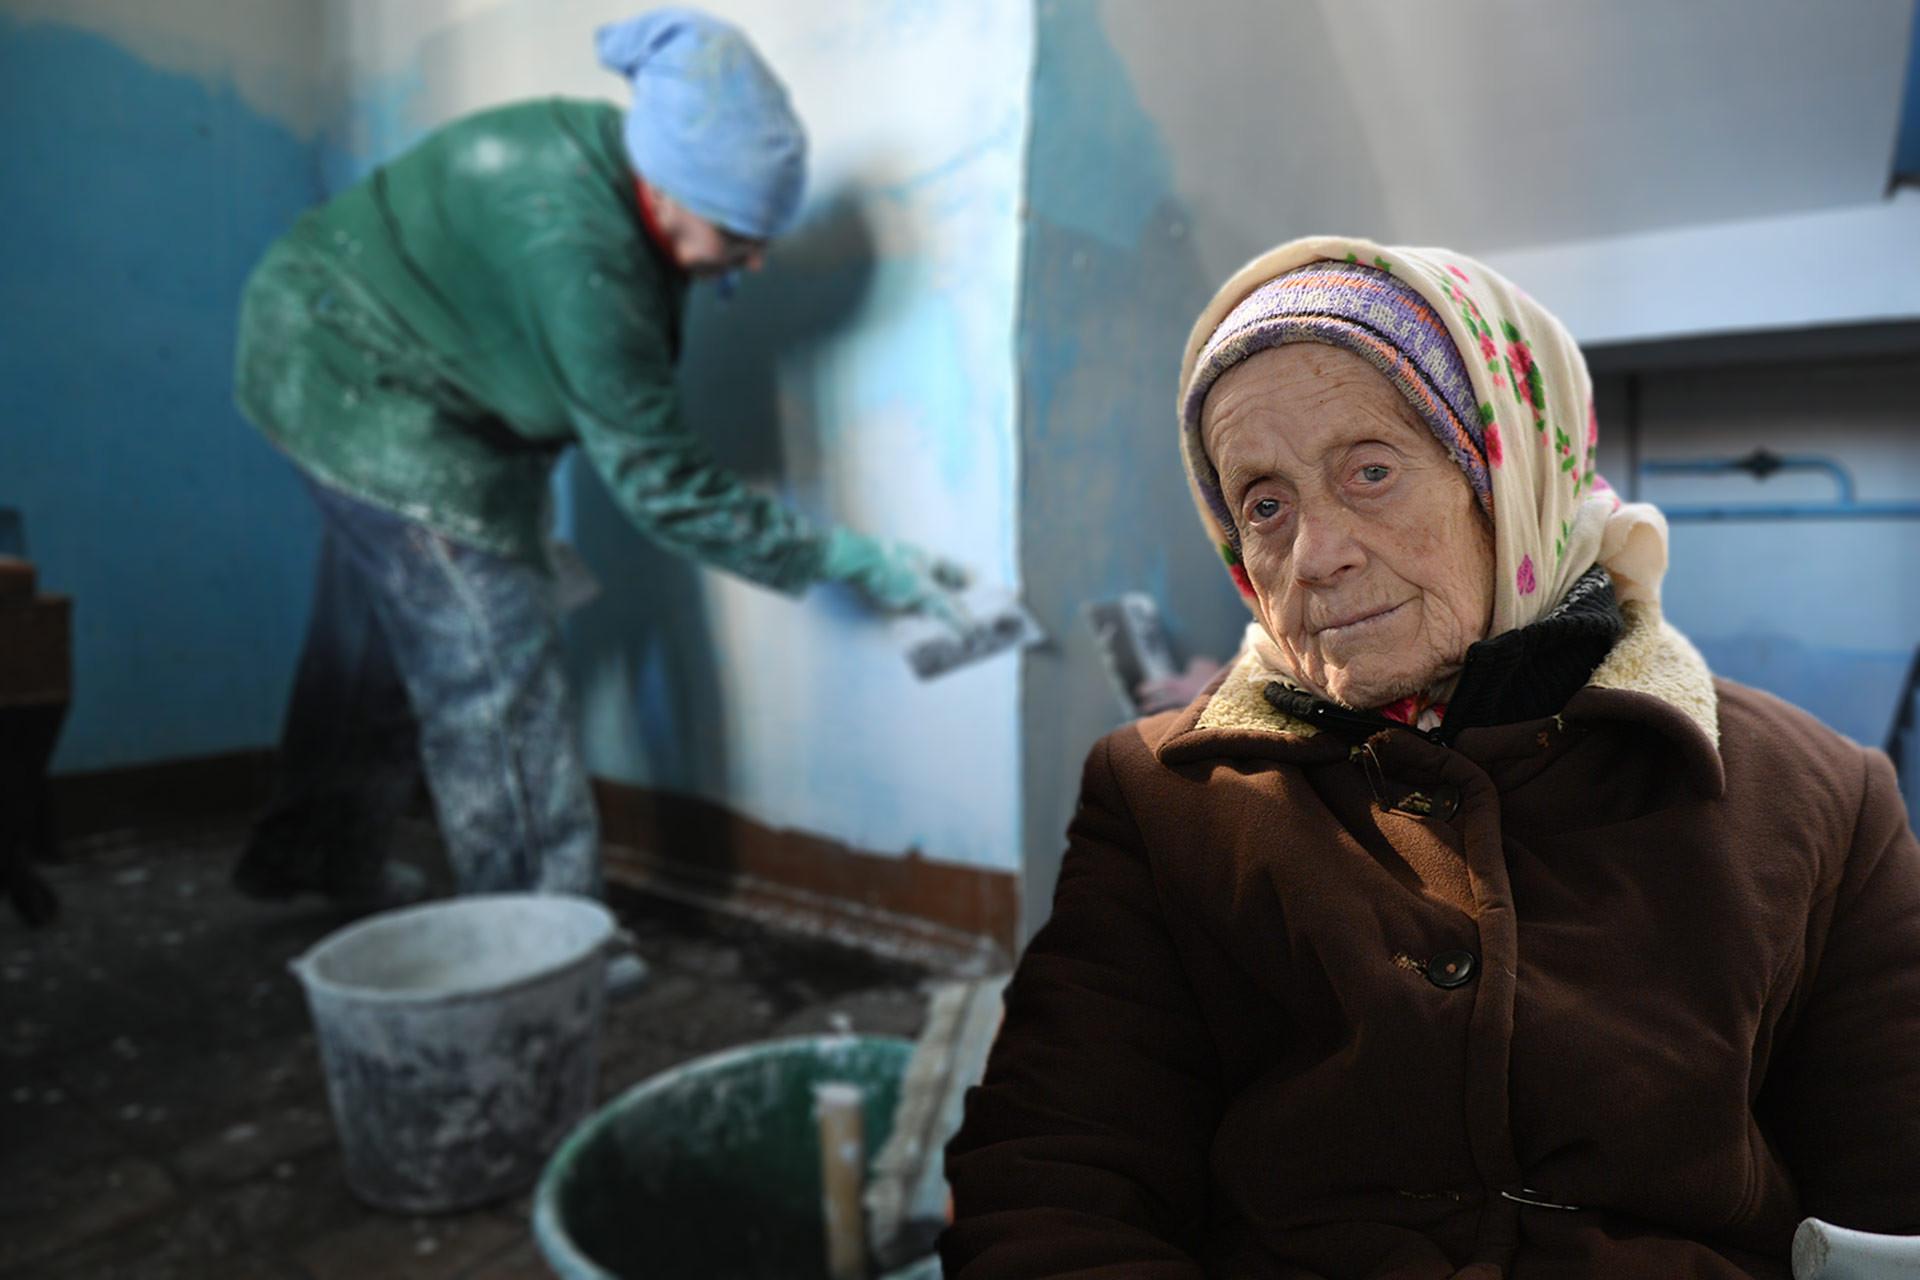 Должен ли пенсионер платить за капитальный ремонт? Кто обязан, а кто - нет?